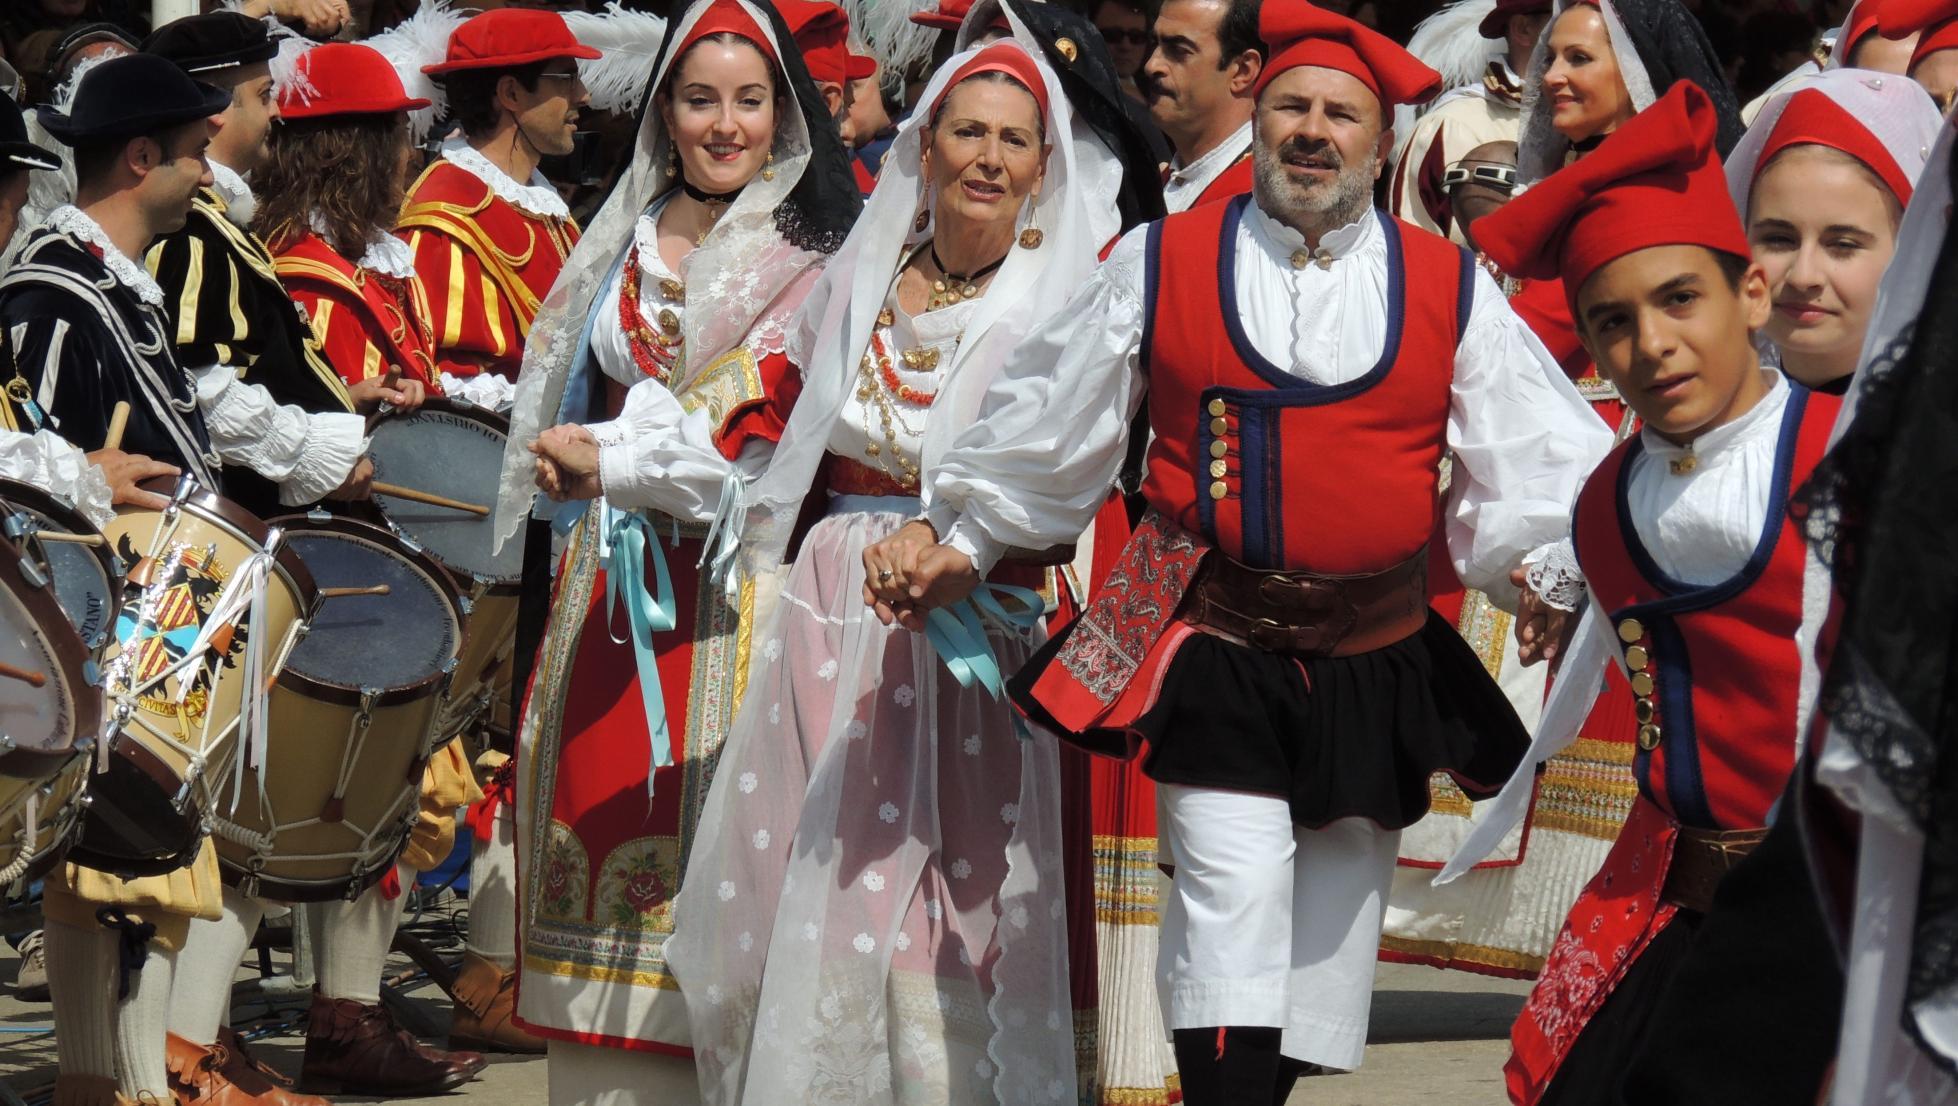 cavalcata sarda_sfilata abiti tradizionali